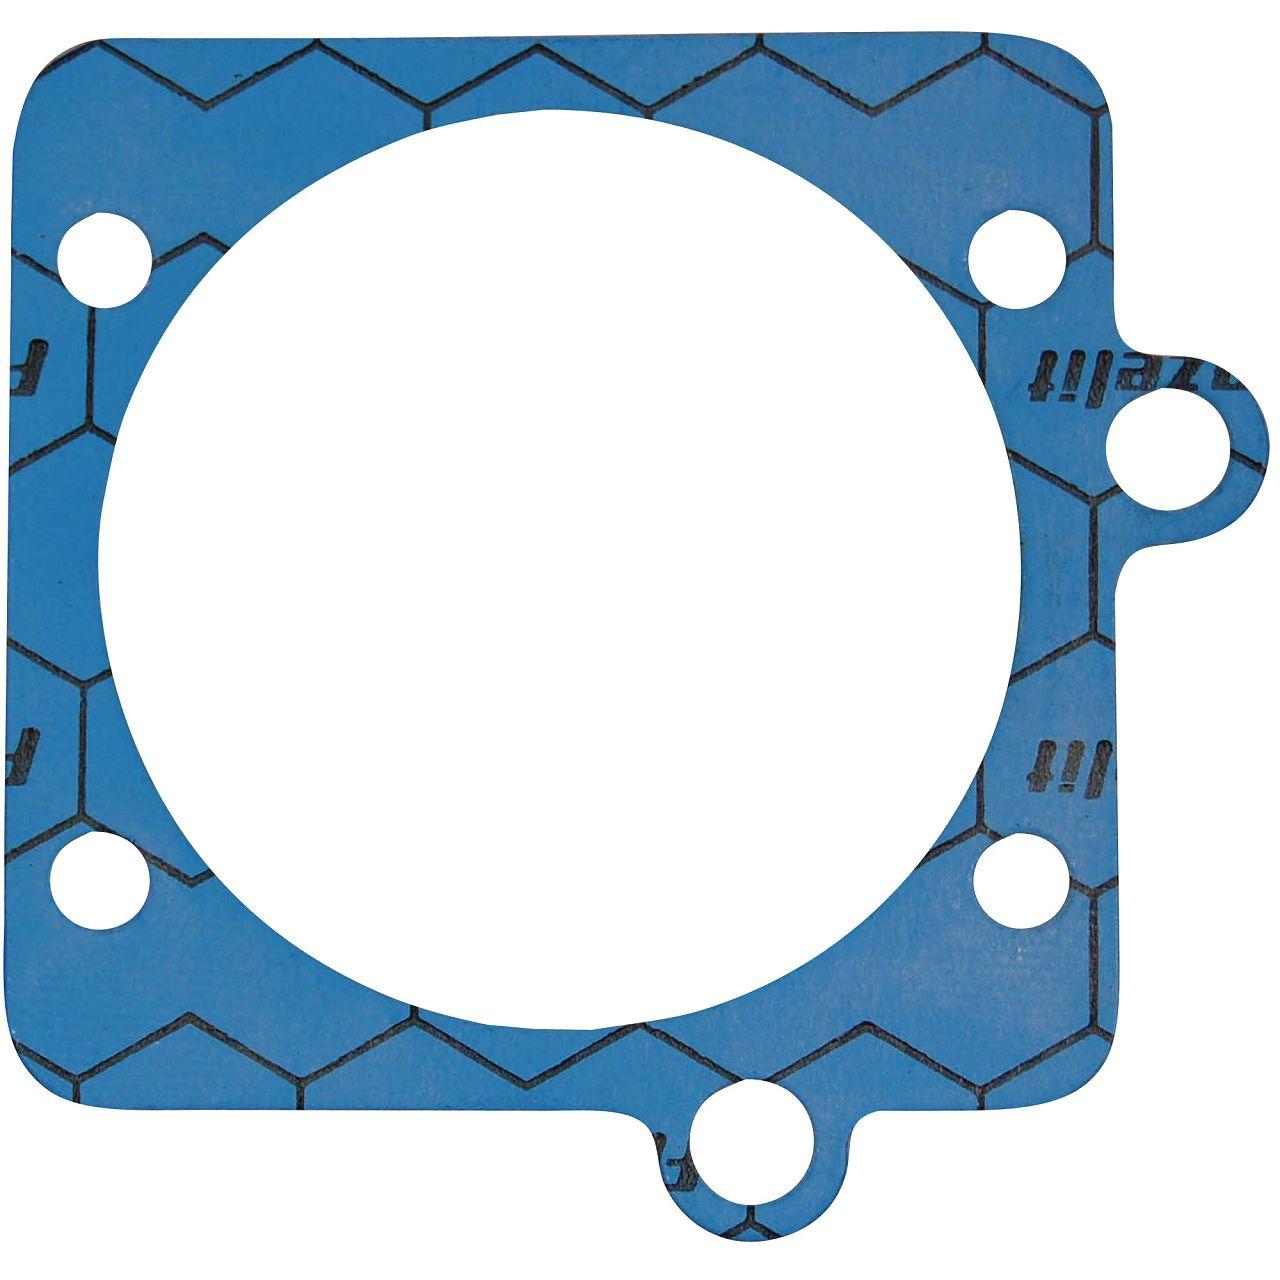 Krümmerdichtung Drosselklappendichtung BLAU für OPEL 1.8 Z18XE X18XE1 Z18XEL